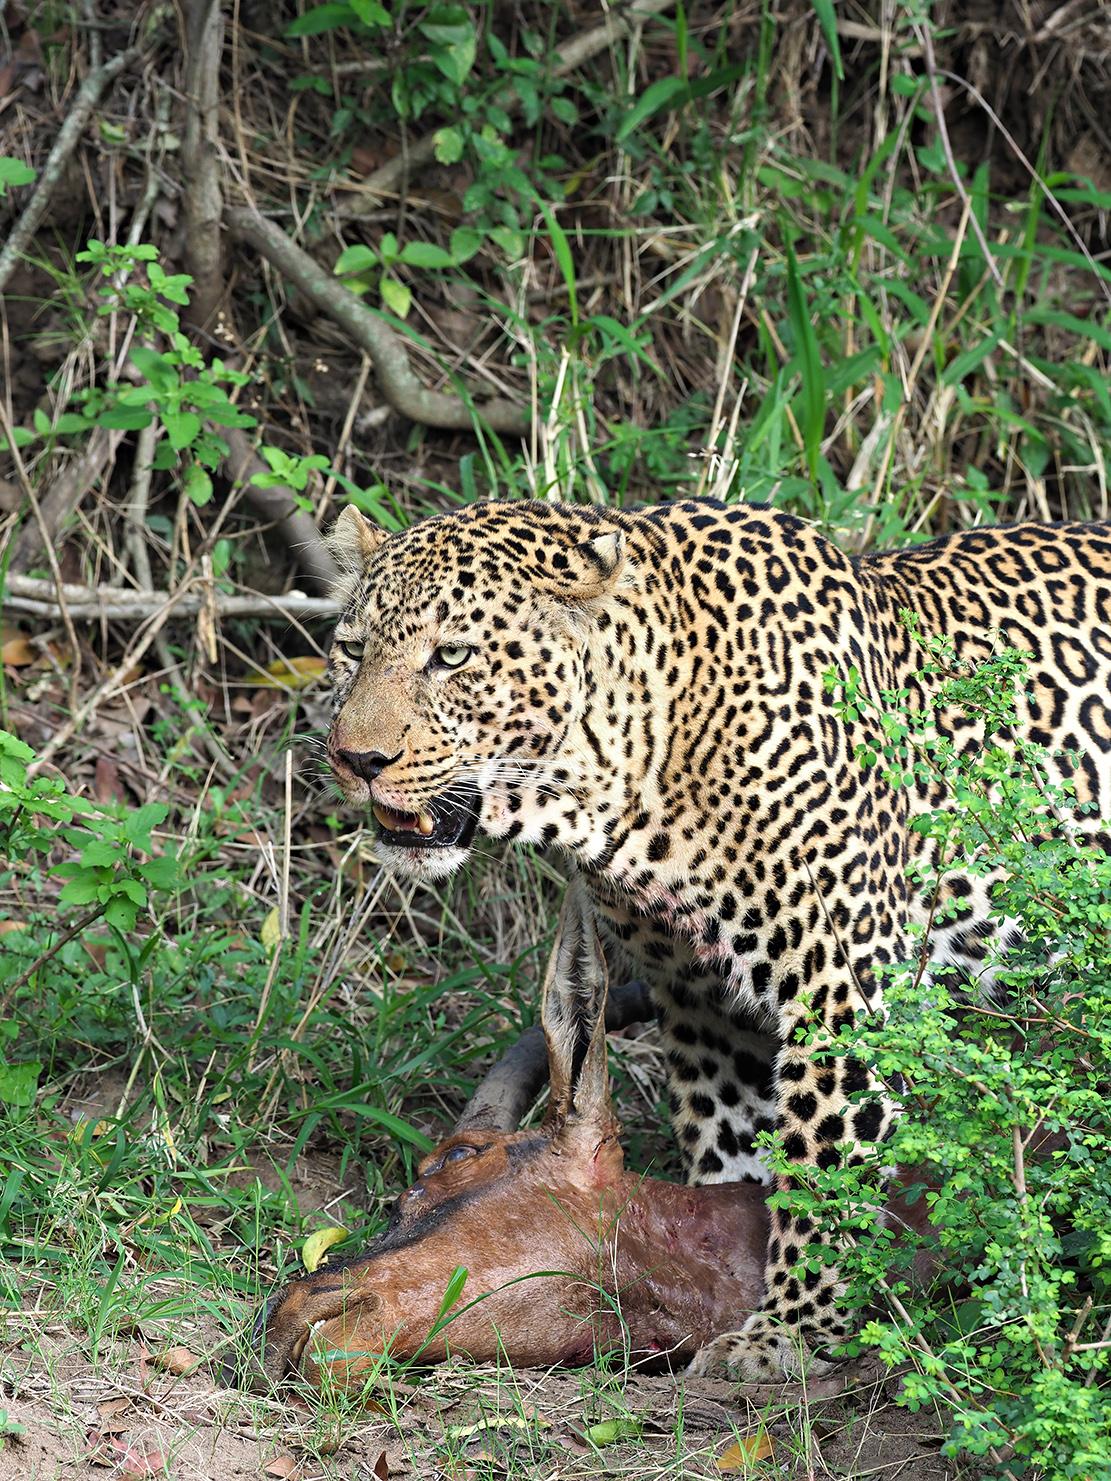 Leopards by Ranjan Ramchandani